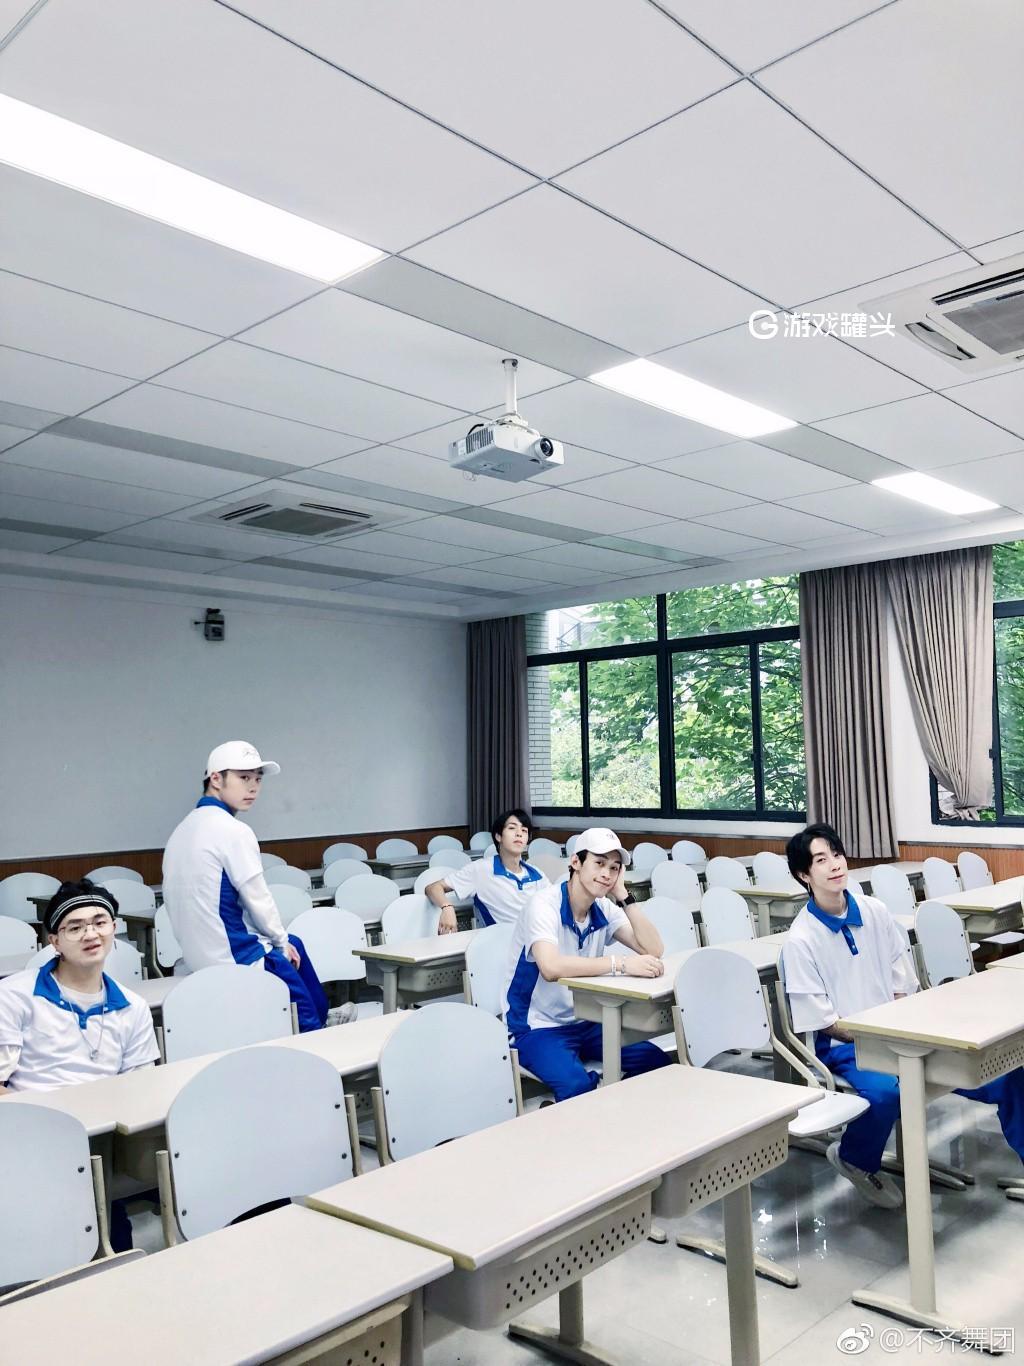 不齐舞团最新学院写真照片 五个学长你想带走哪一位20P